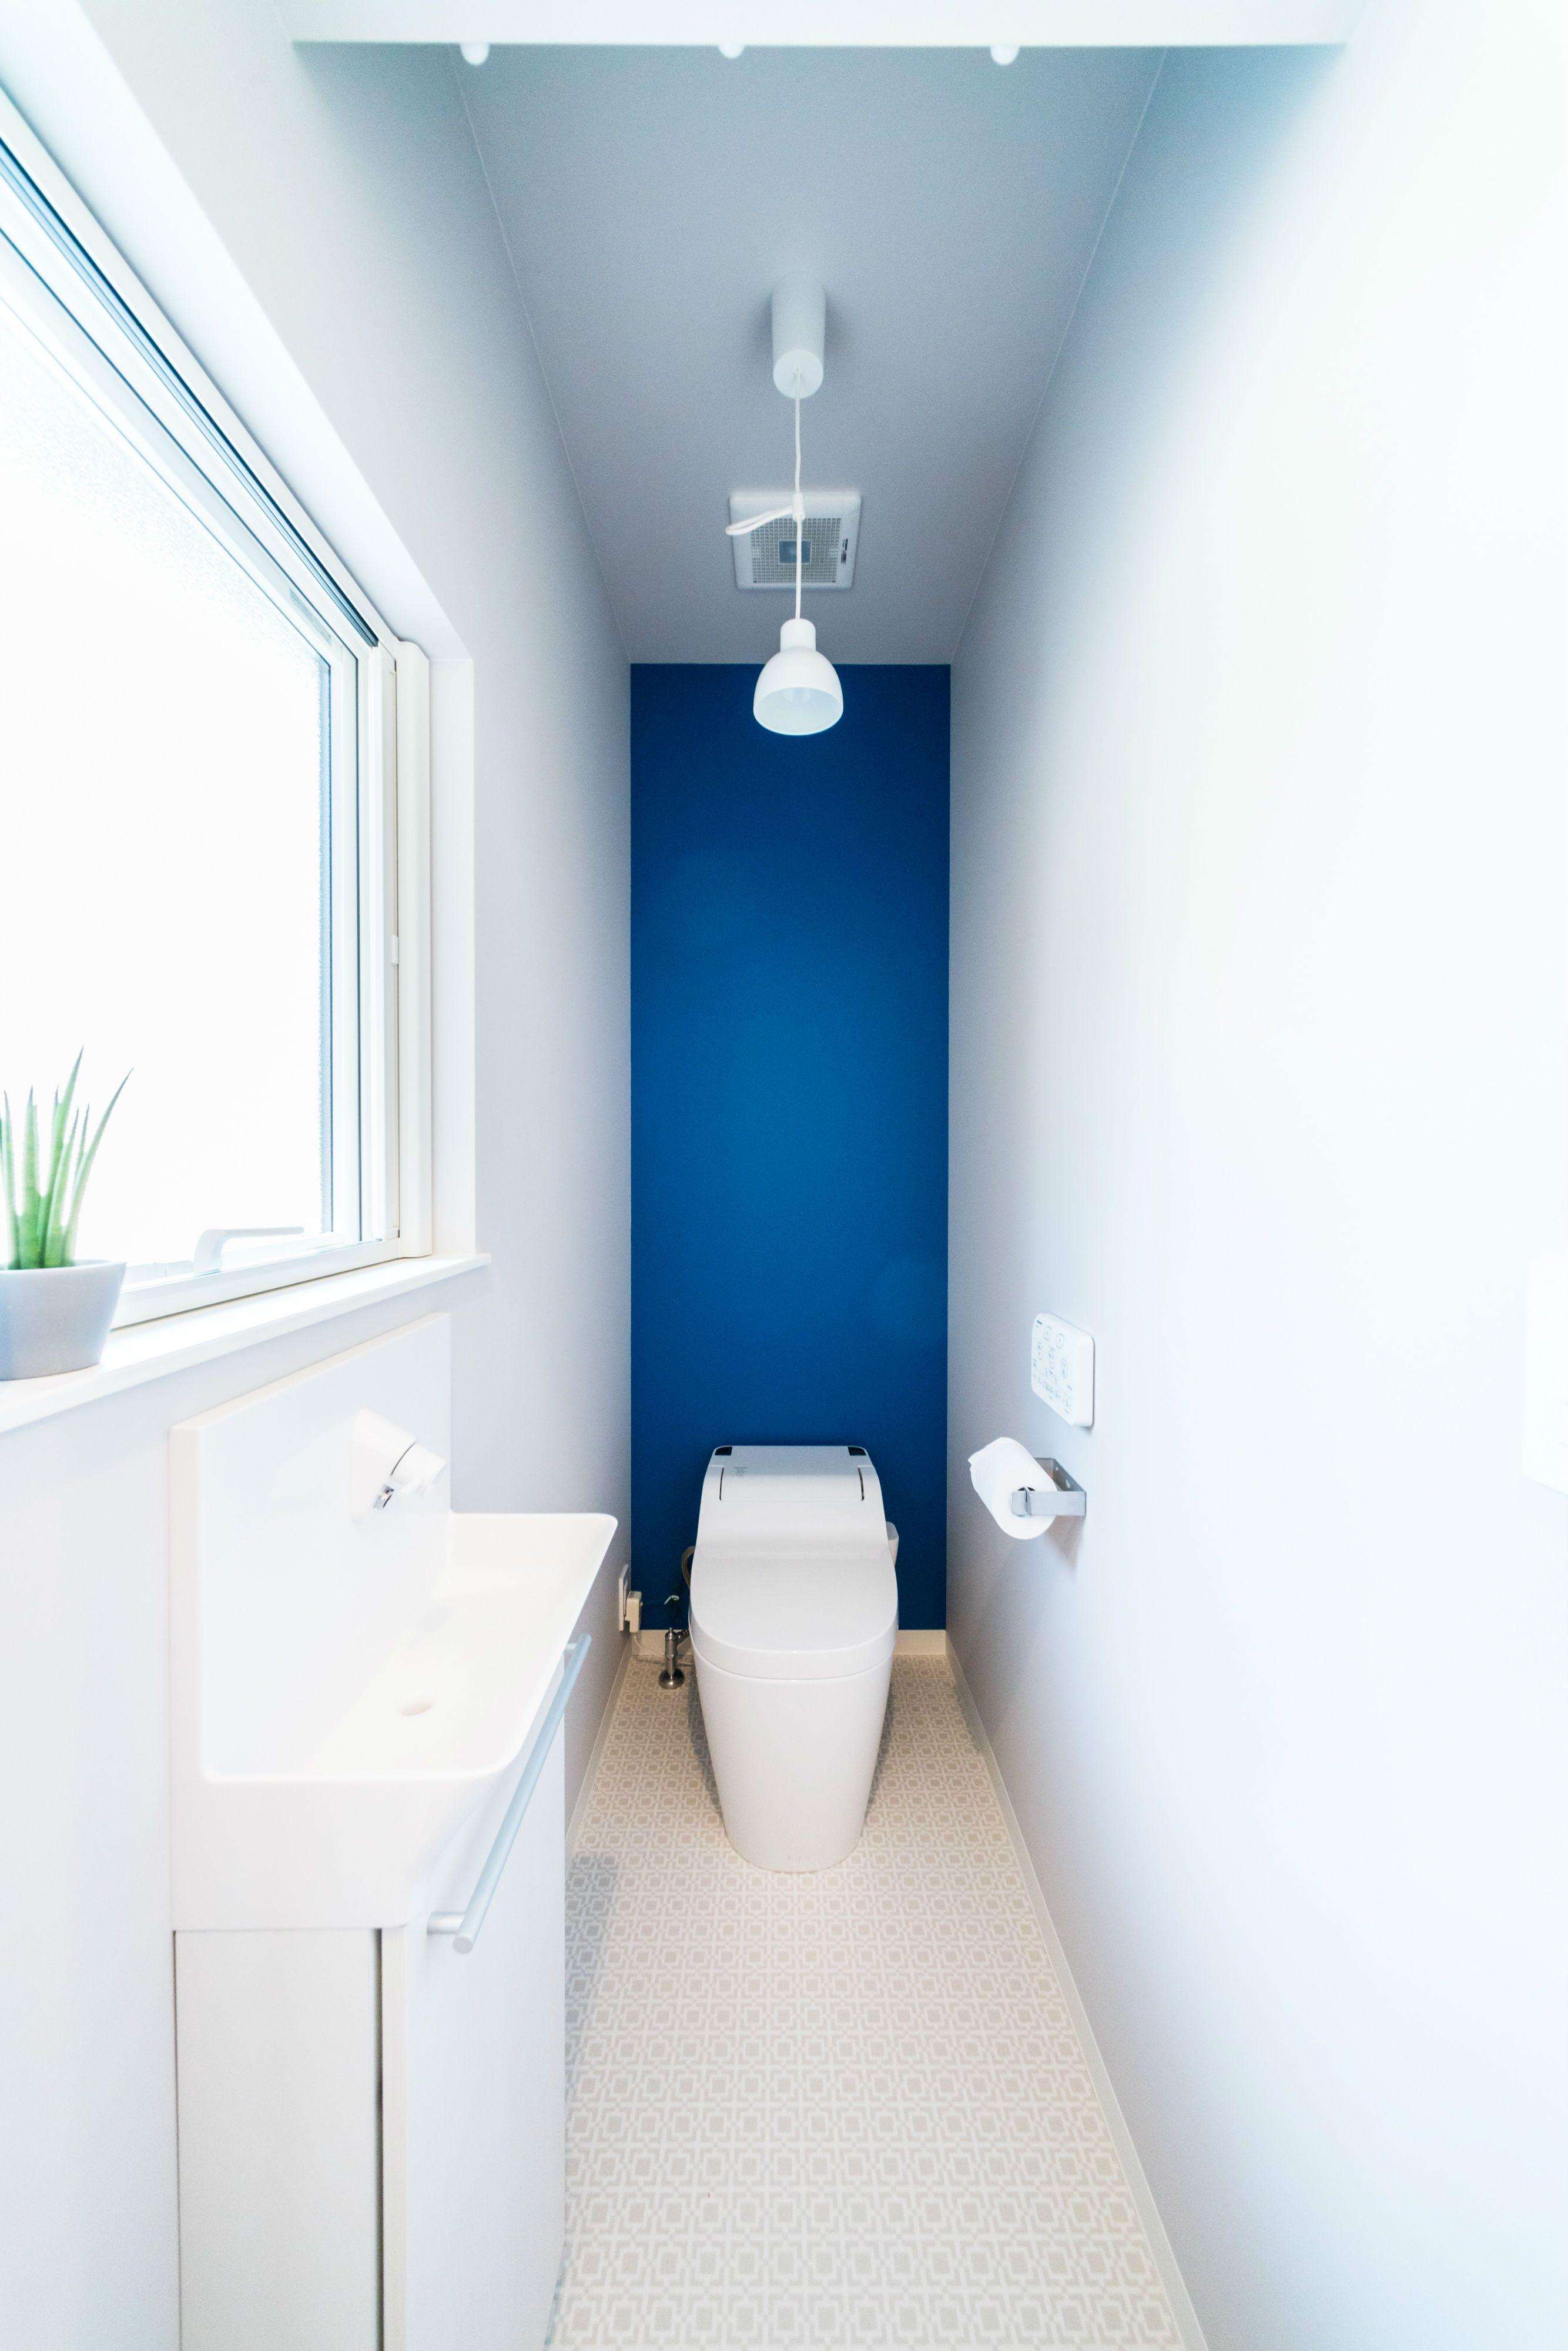 発色のいいブルーのアクセントクロス ルポハウス 設計士とつくる家